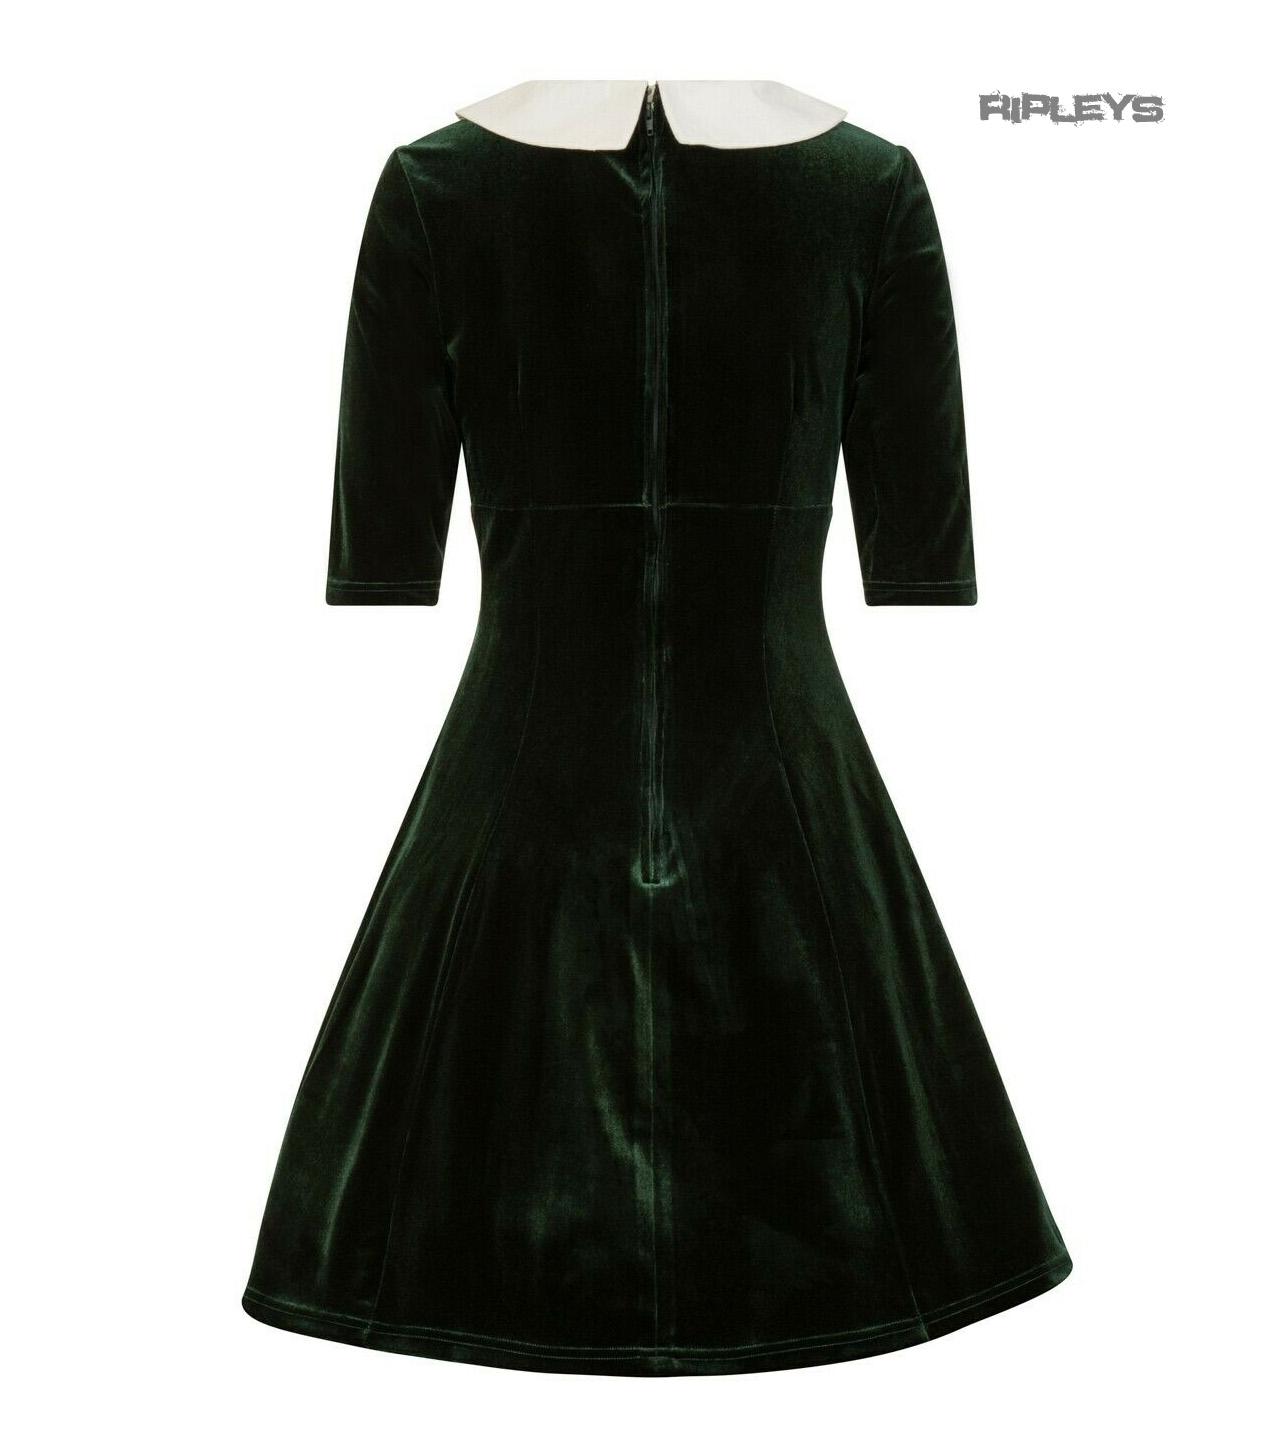 Hell-Bunny-Mini-Skater-Dress-Festive-Christmas-NICOLA-Green-Velvet-All-Sizes thumbnail 12